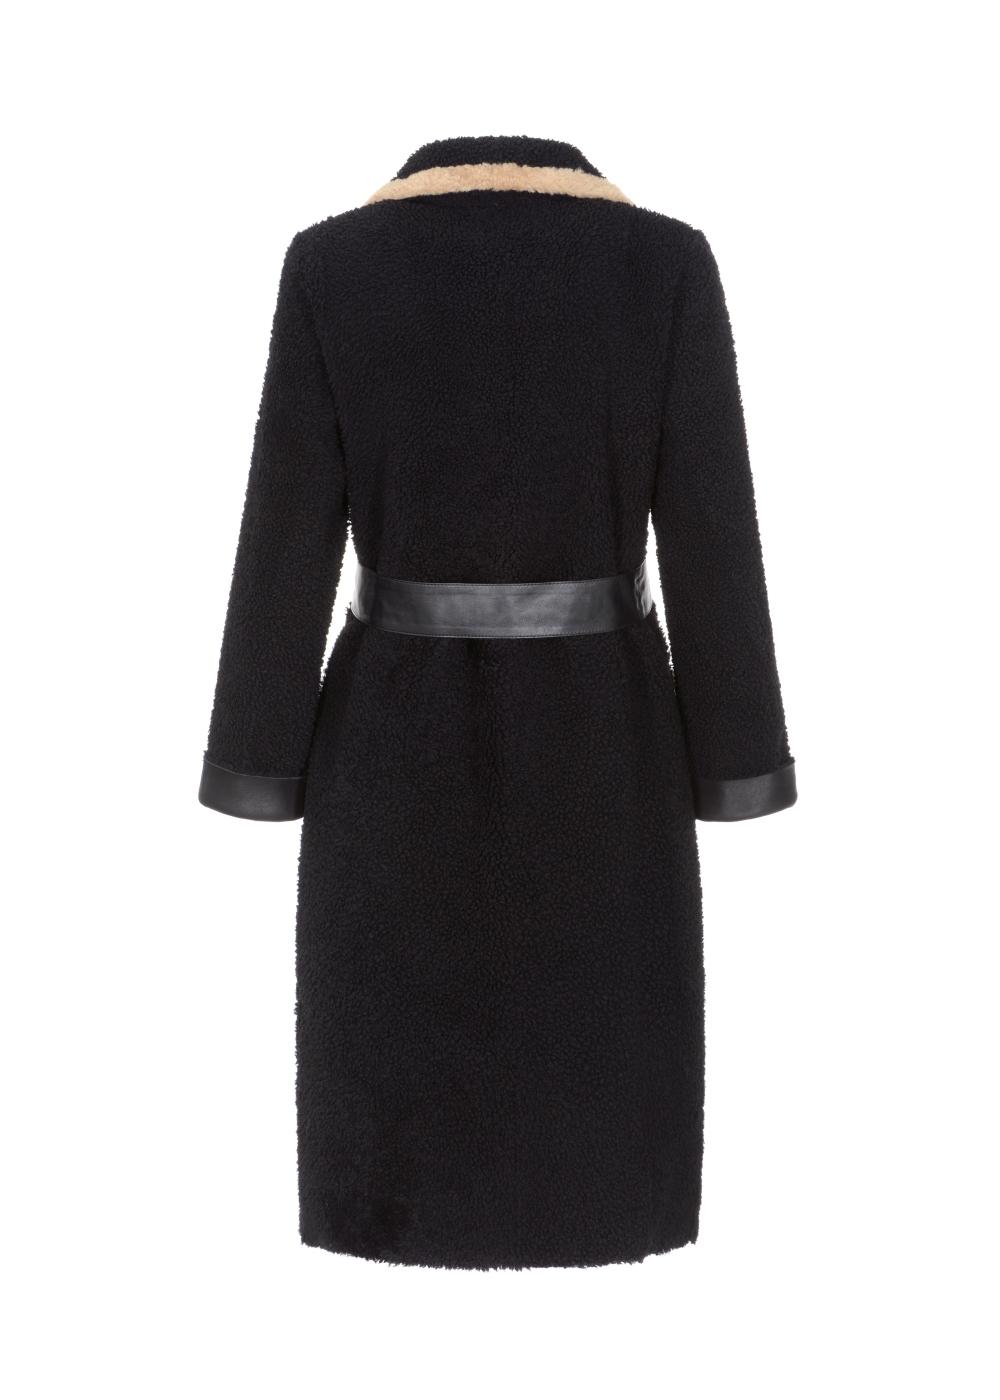 Czarny kożuch damski z beżowym wykończeniem KOZDS-0052-0999(Z21)